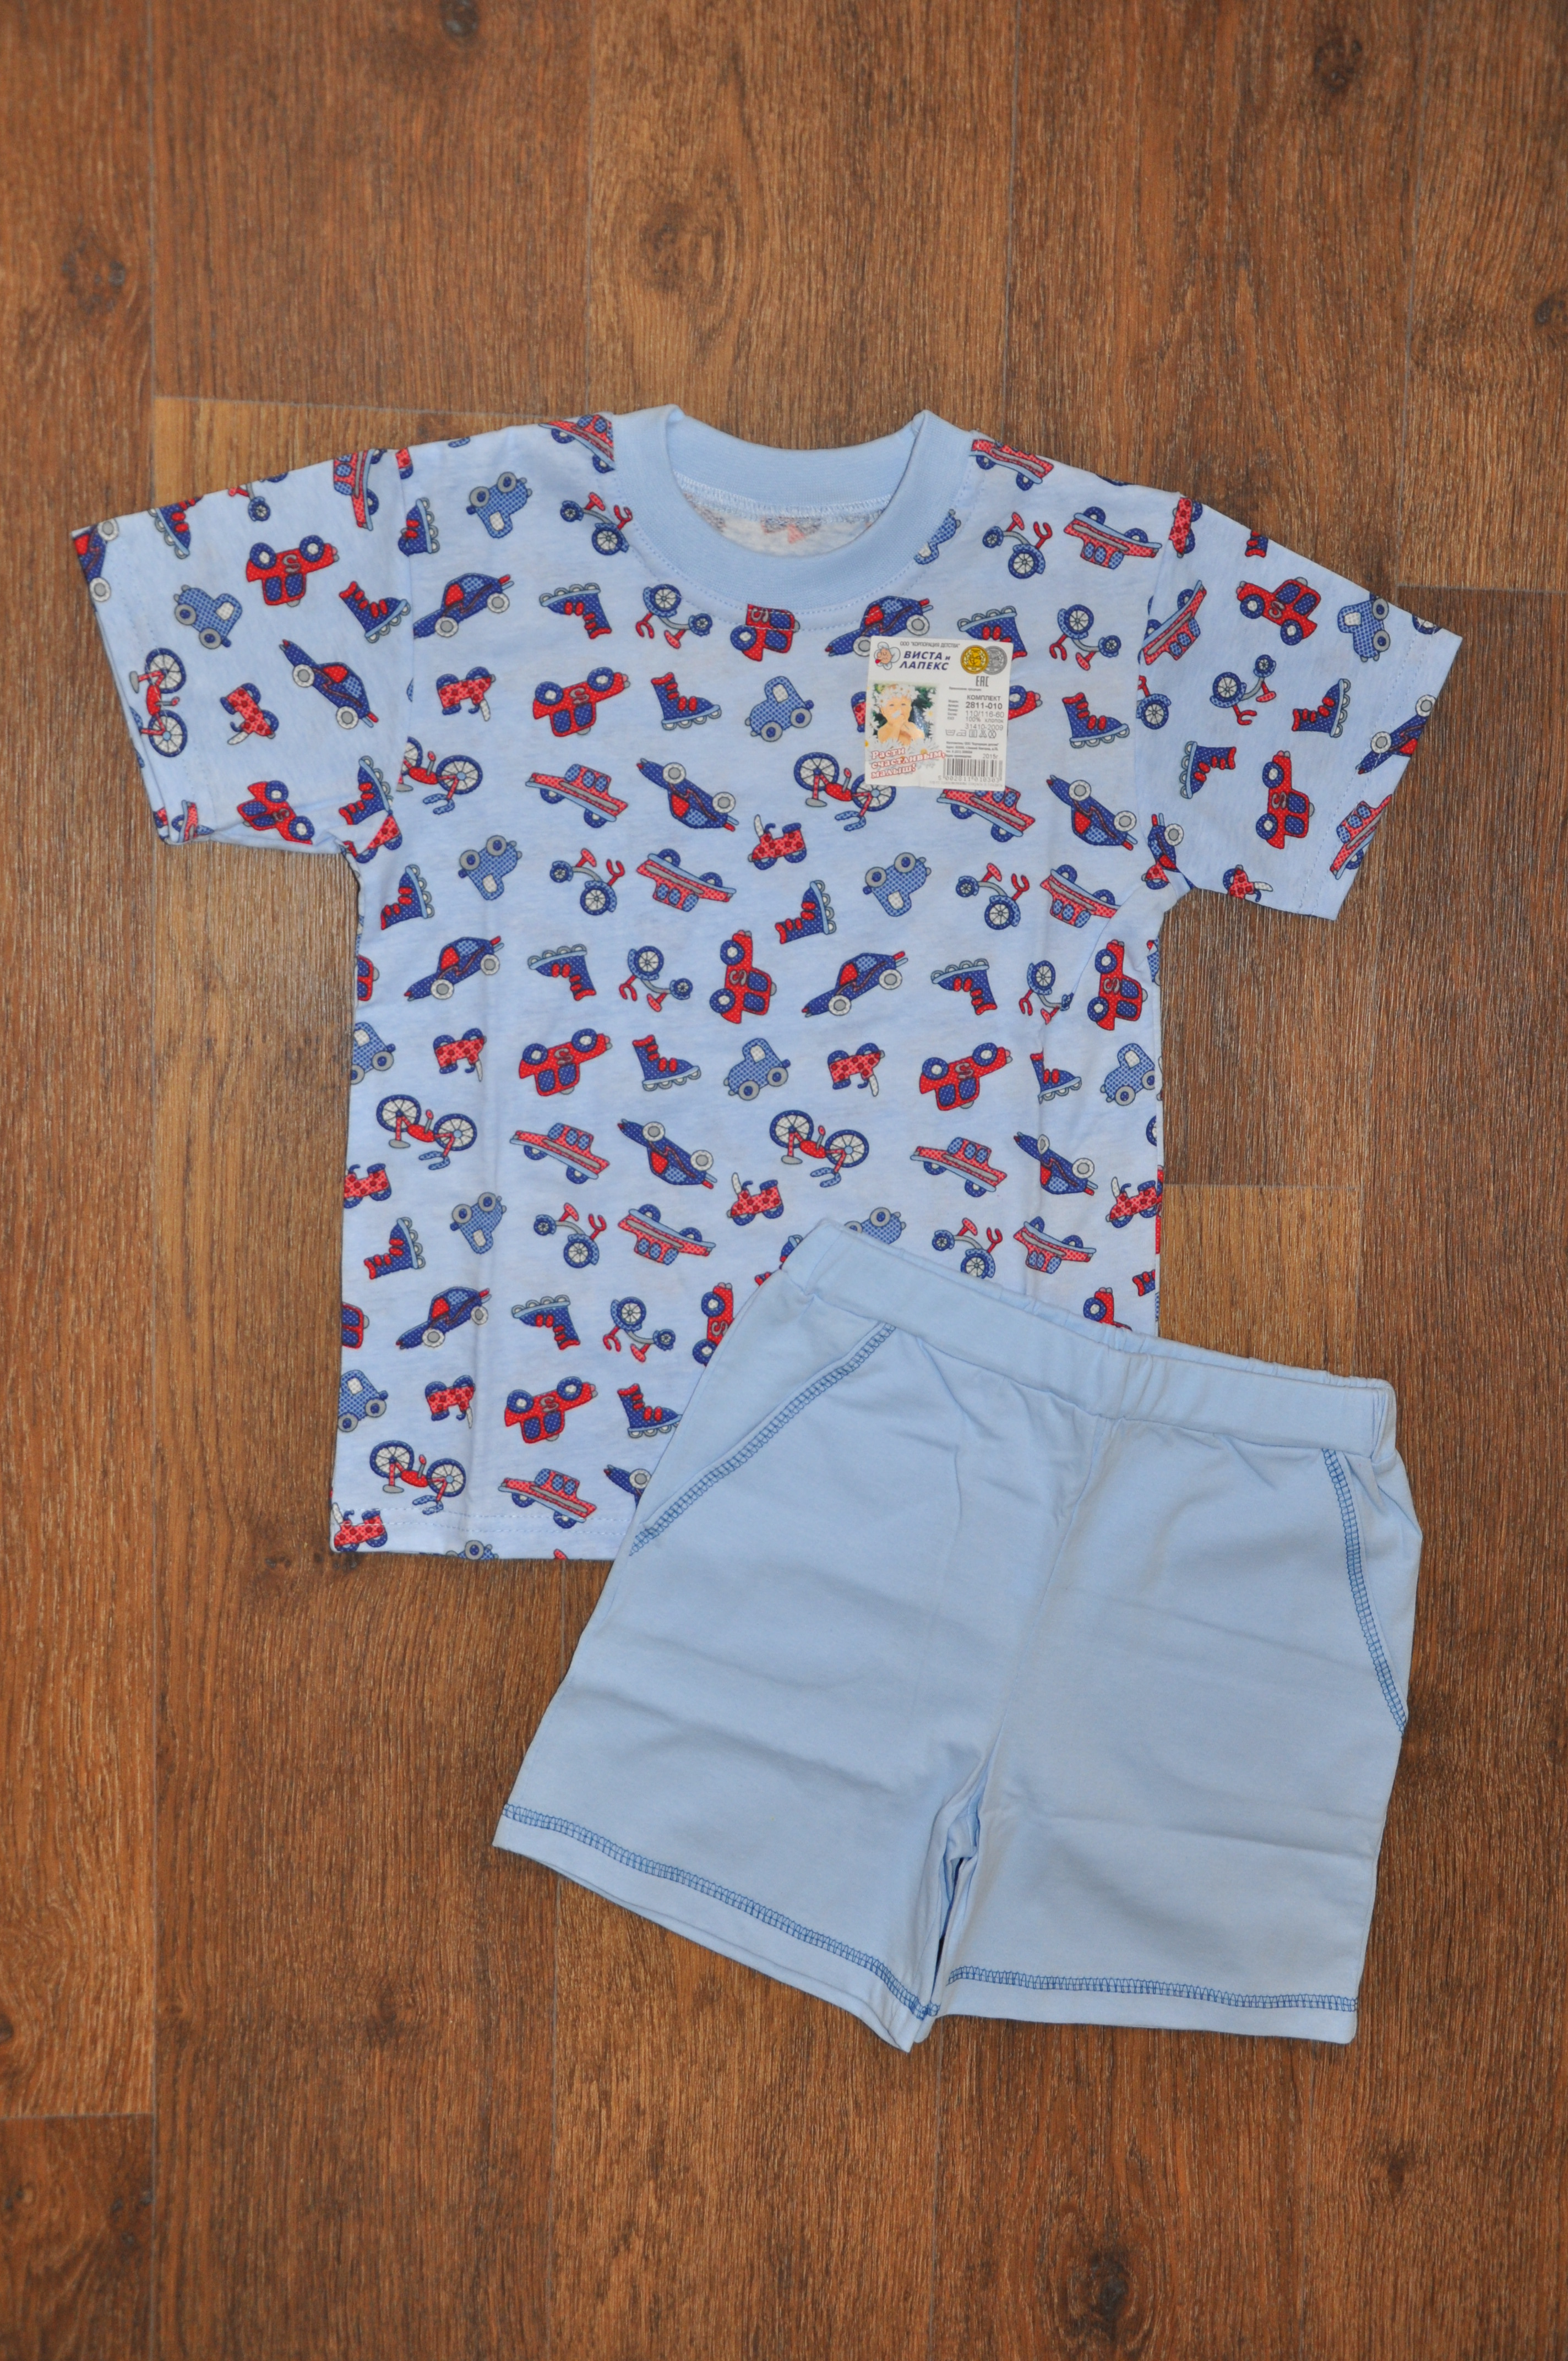 Все в наличии! В/и/с/т/а-Л/а/п/е/к/с. Детский трикотаж р.62-128 (комплекты, футболки, шорты, боди, слипы, ползунки, штанишки, кофточки, пижамы). Цены от 80 руб! -3